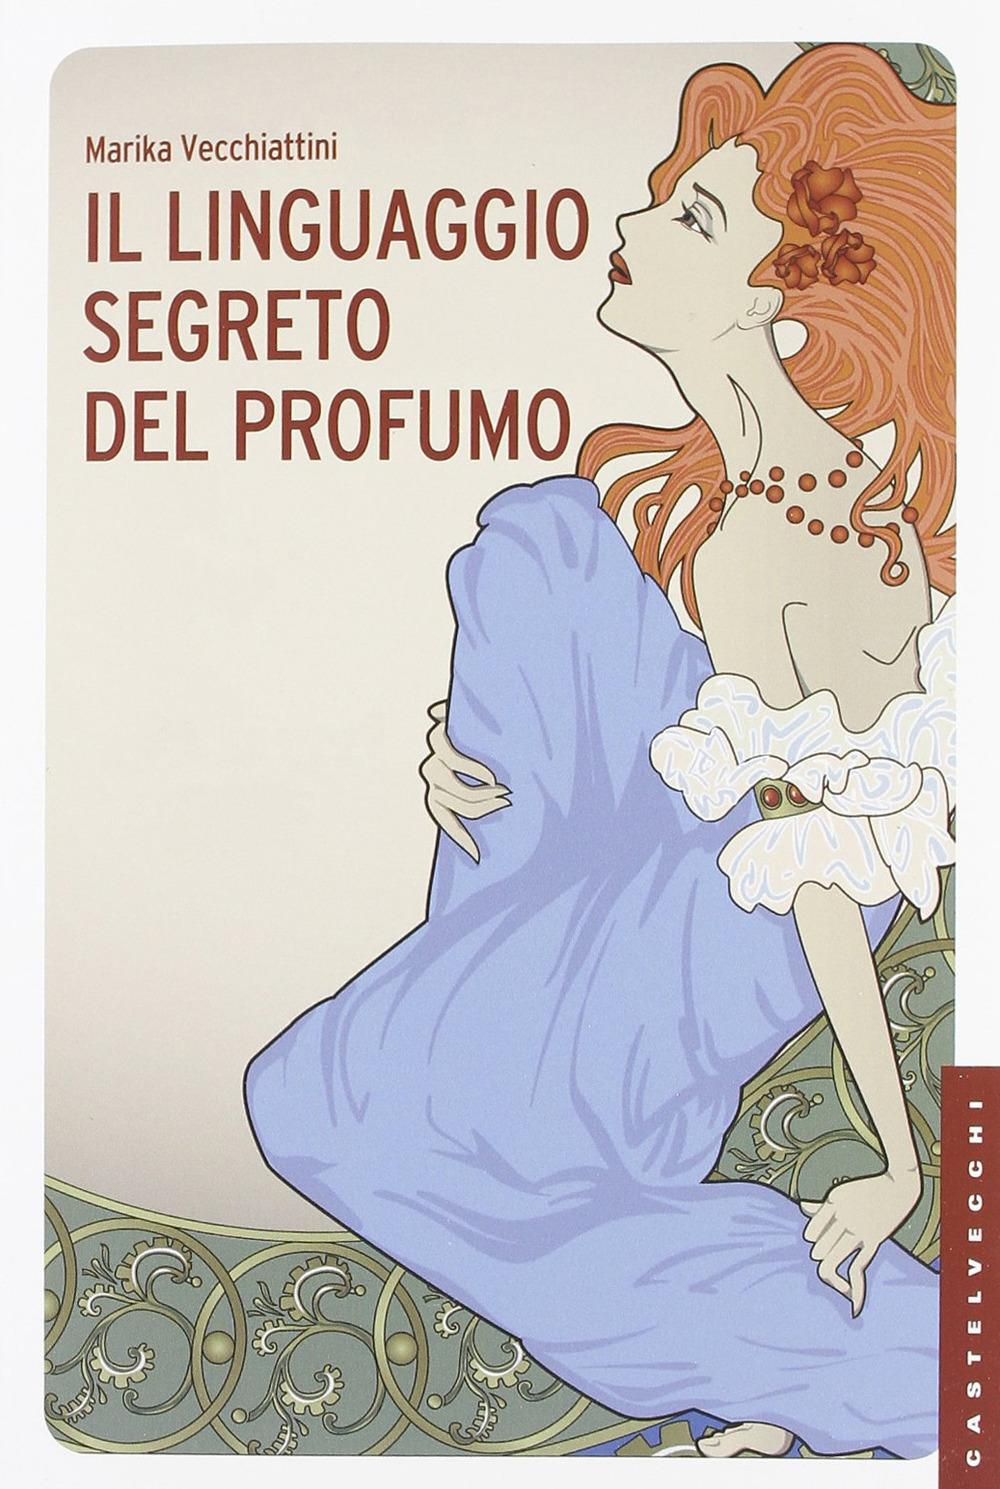 IL LINGUAGGIO SEGRETO DEL PROFUMO - 9788876157530